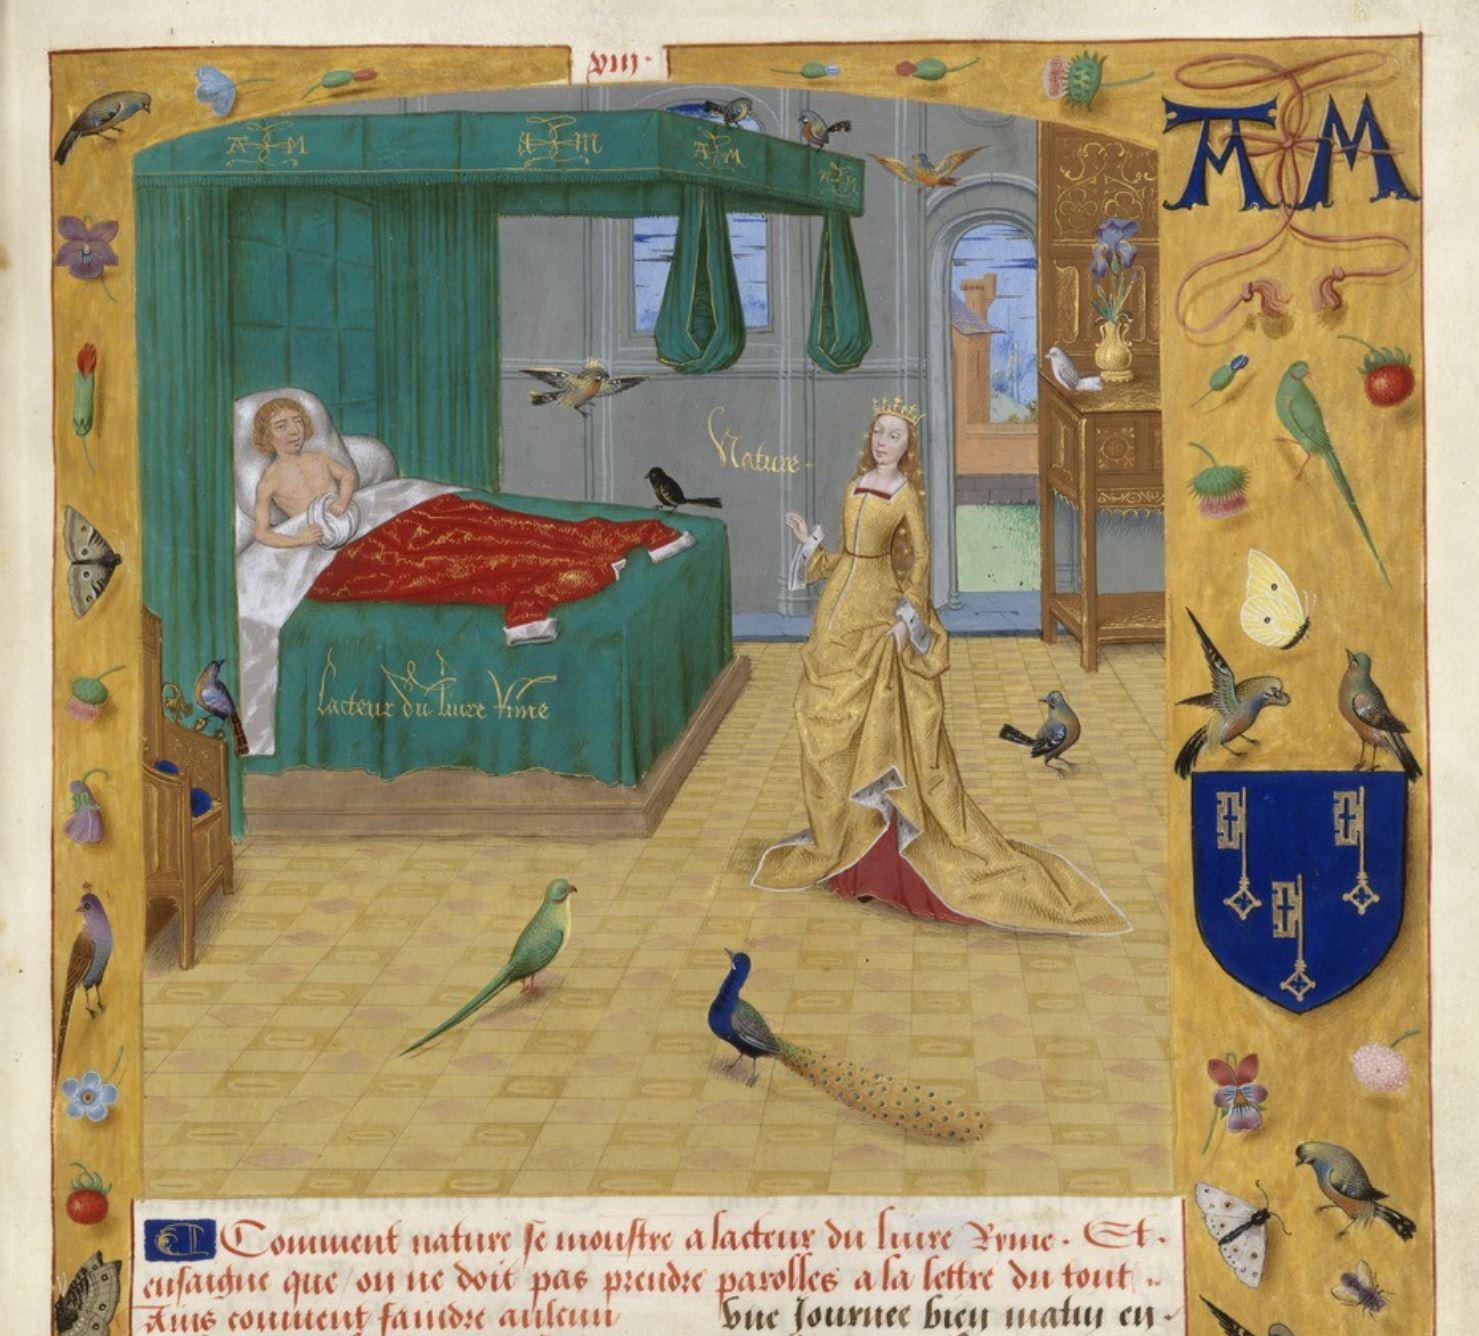 Songe d'Evrard de Conty Livre des echecs amoureux BnF, Francais 9197 f.13